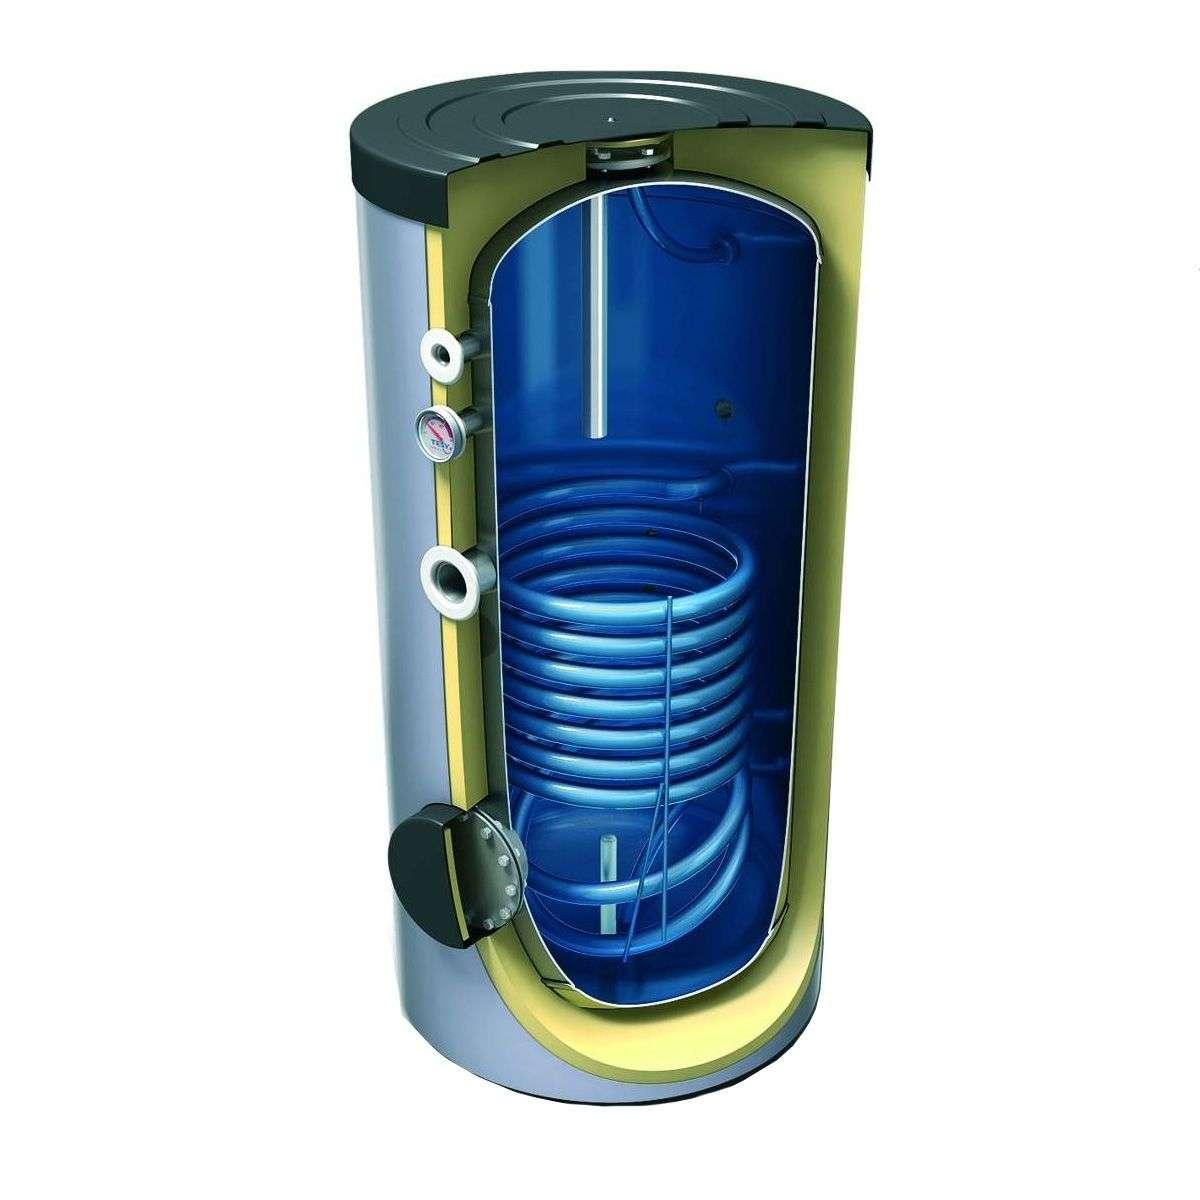 Entdecken Sie jetzt unseren Auswahl und kaufen Sie Ihren Warmwasserspeicher online. Warmwasserspeicher kaufen leicht gemacht mit großer Auswahl. Jetzt Warmwasserspeicher günstig kaufen und schnell liefern lassen